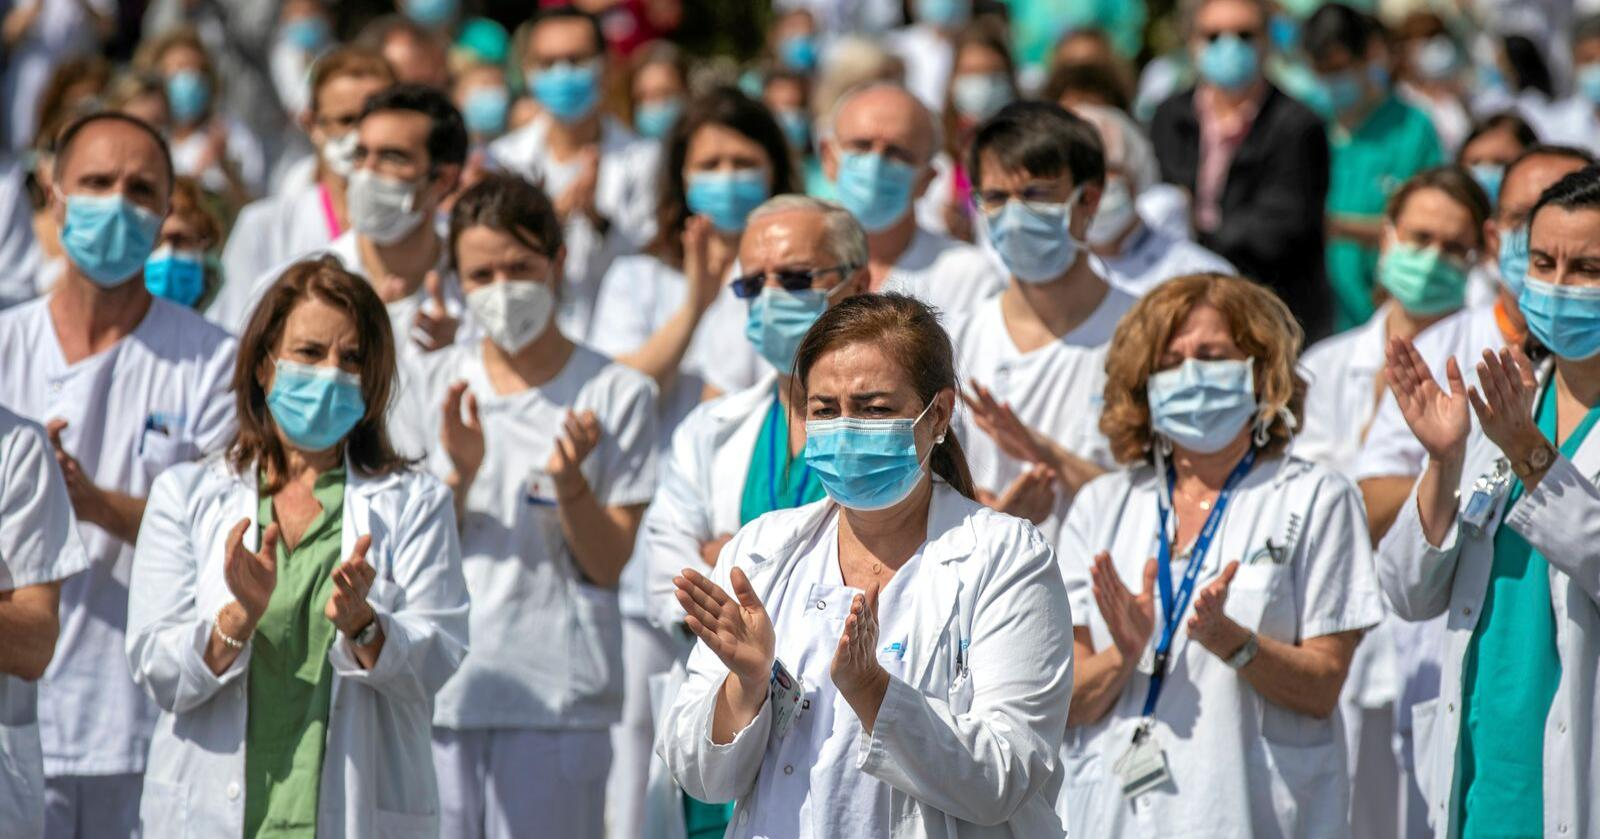 Helsearbeidere ved La Paz hospital i Madrid holdt denne uka minnestud for sykehusets sjefskirurg Joaquin Diaz som døde av covid-19. Foto: Manu Fernandez / AP / NTB scanpix